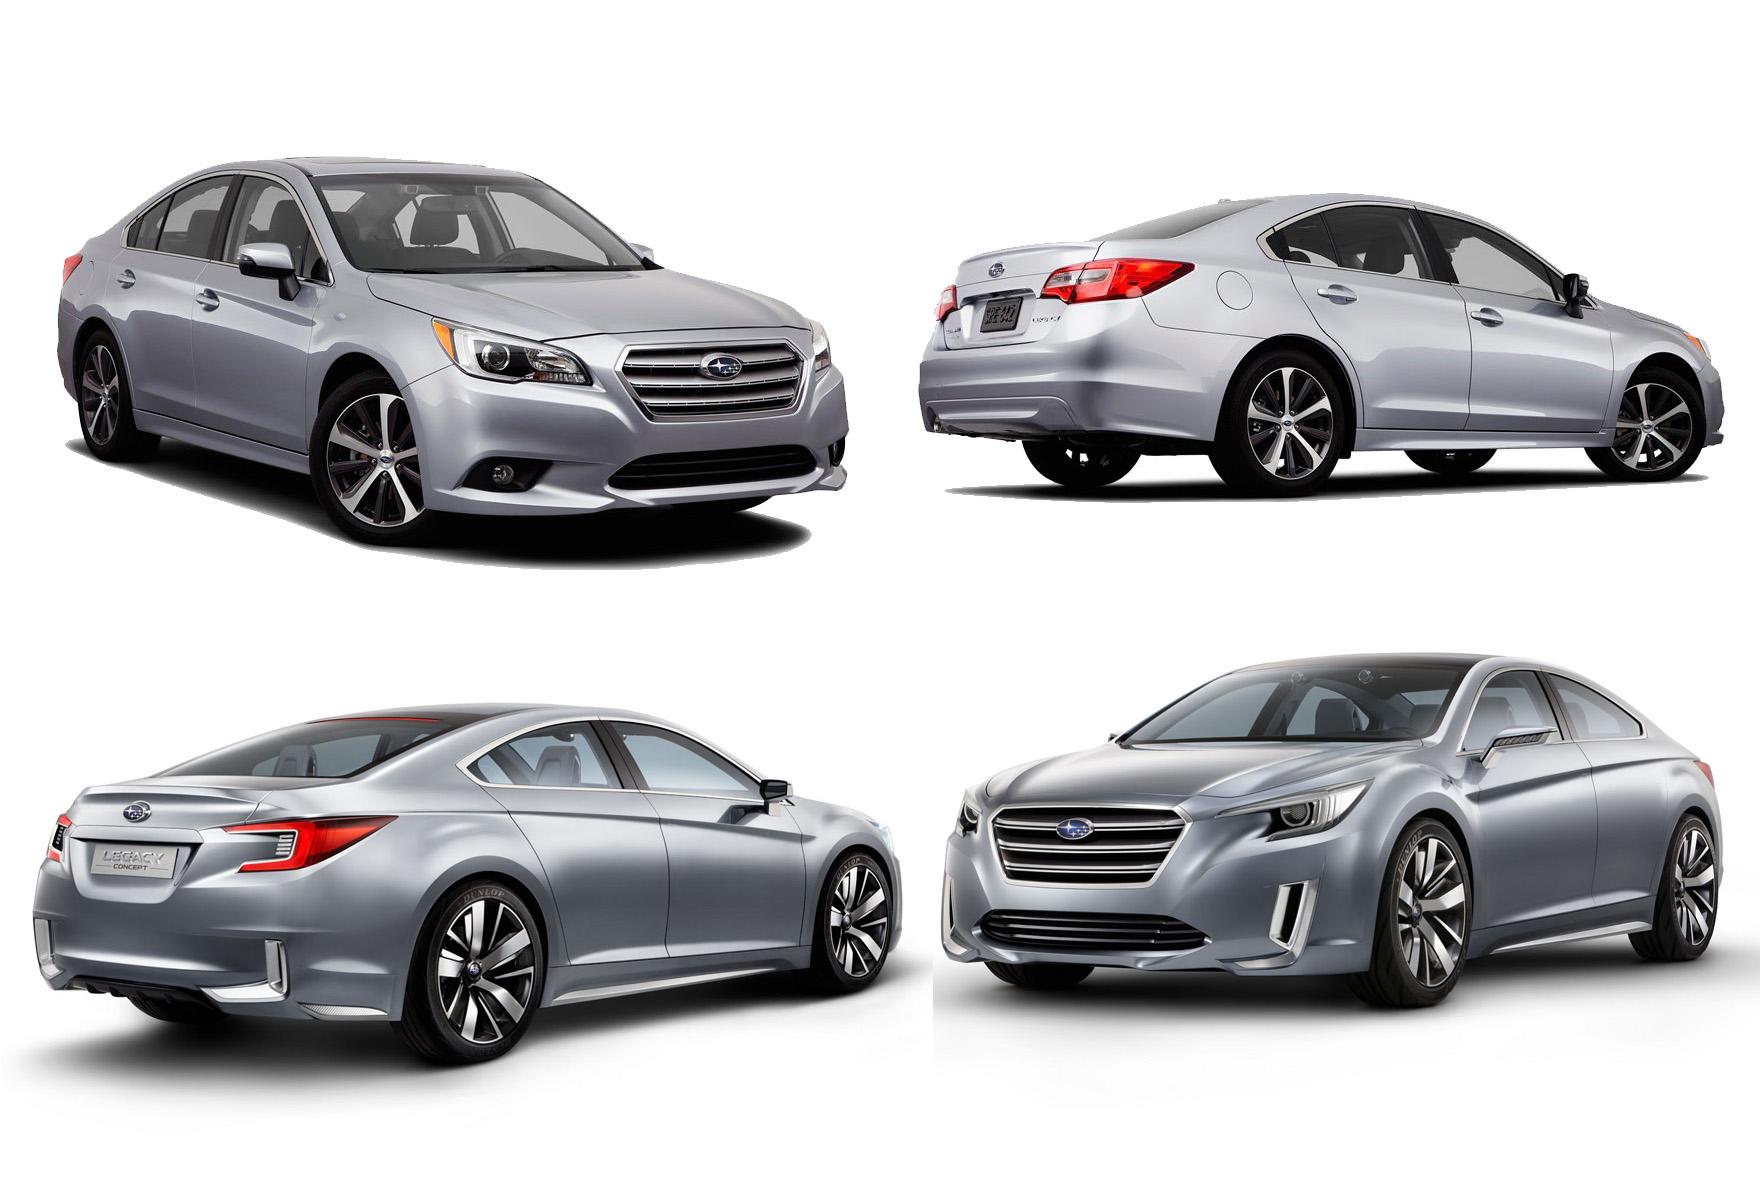 全新大改款 Subaru Legacy實車與概念的差異,讓人有被晃點的感覺!